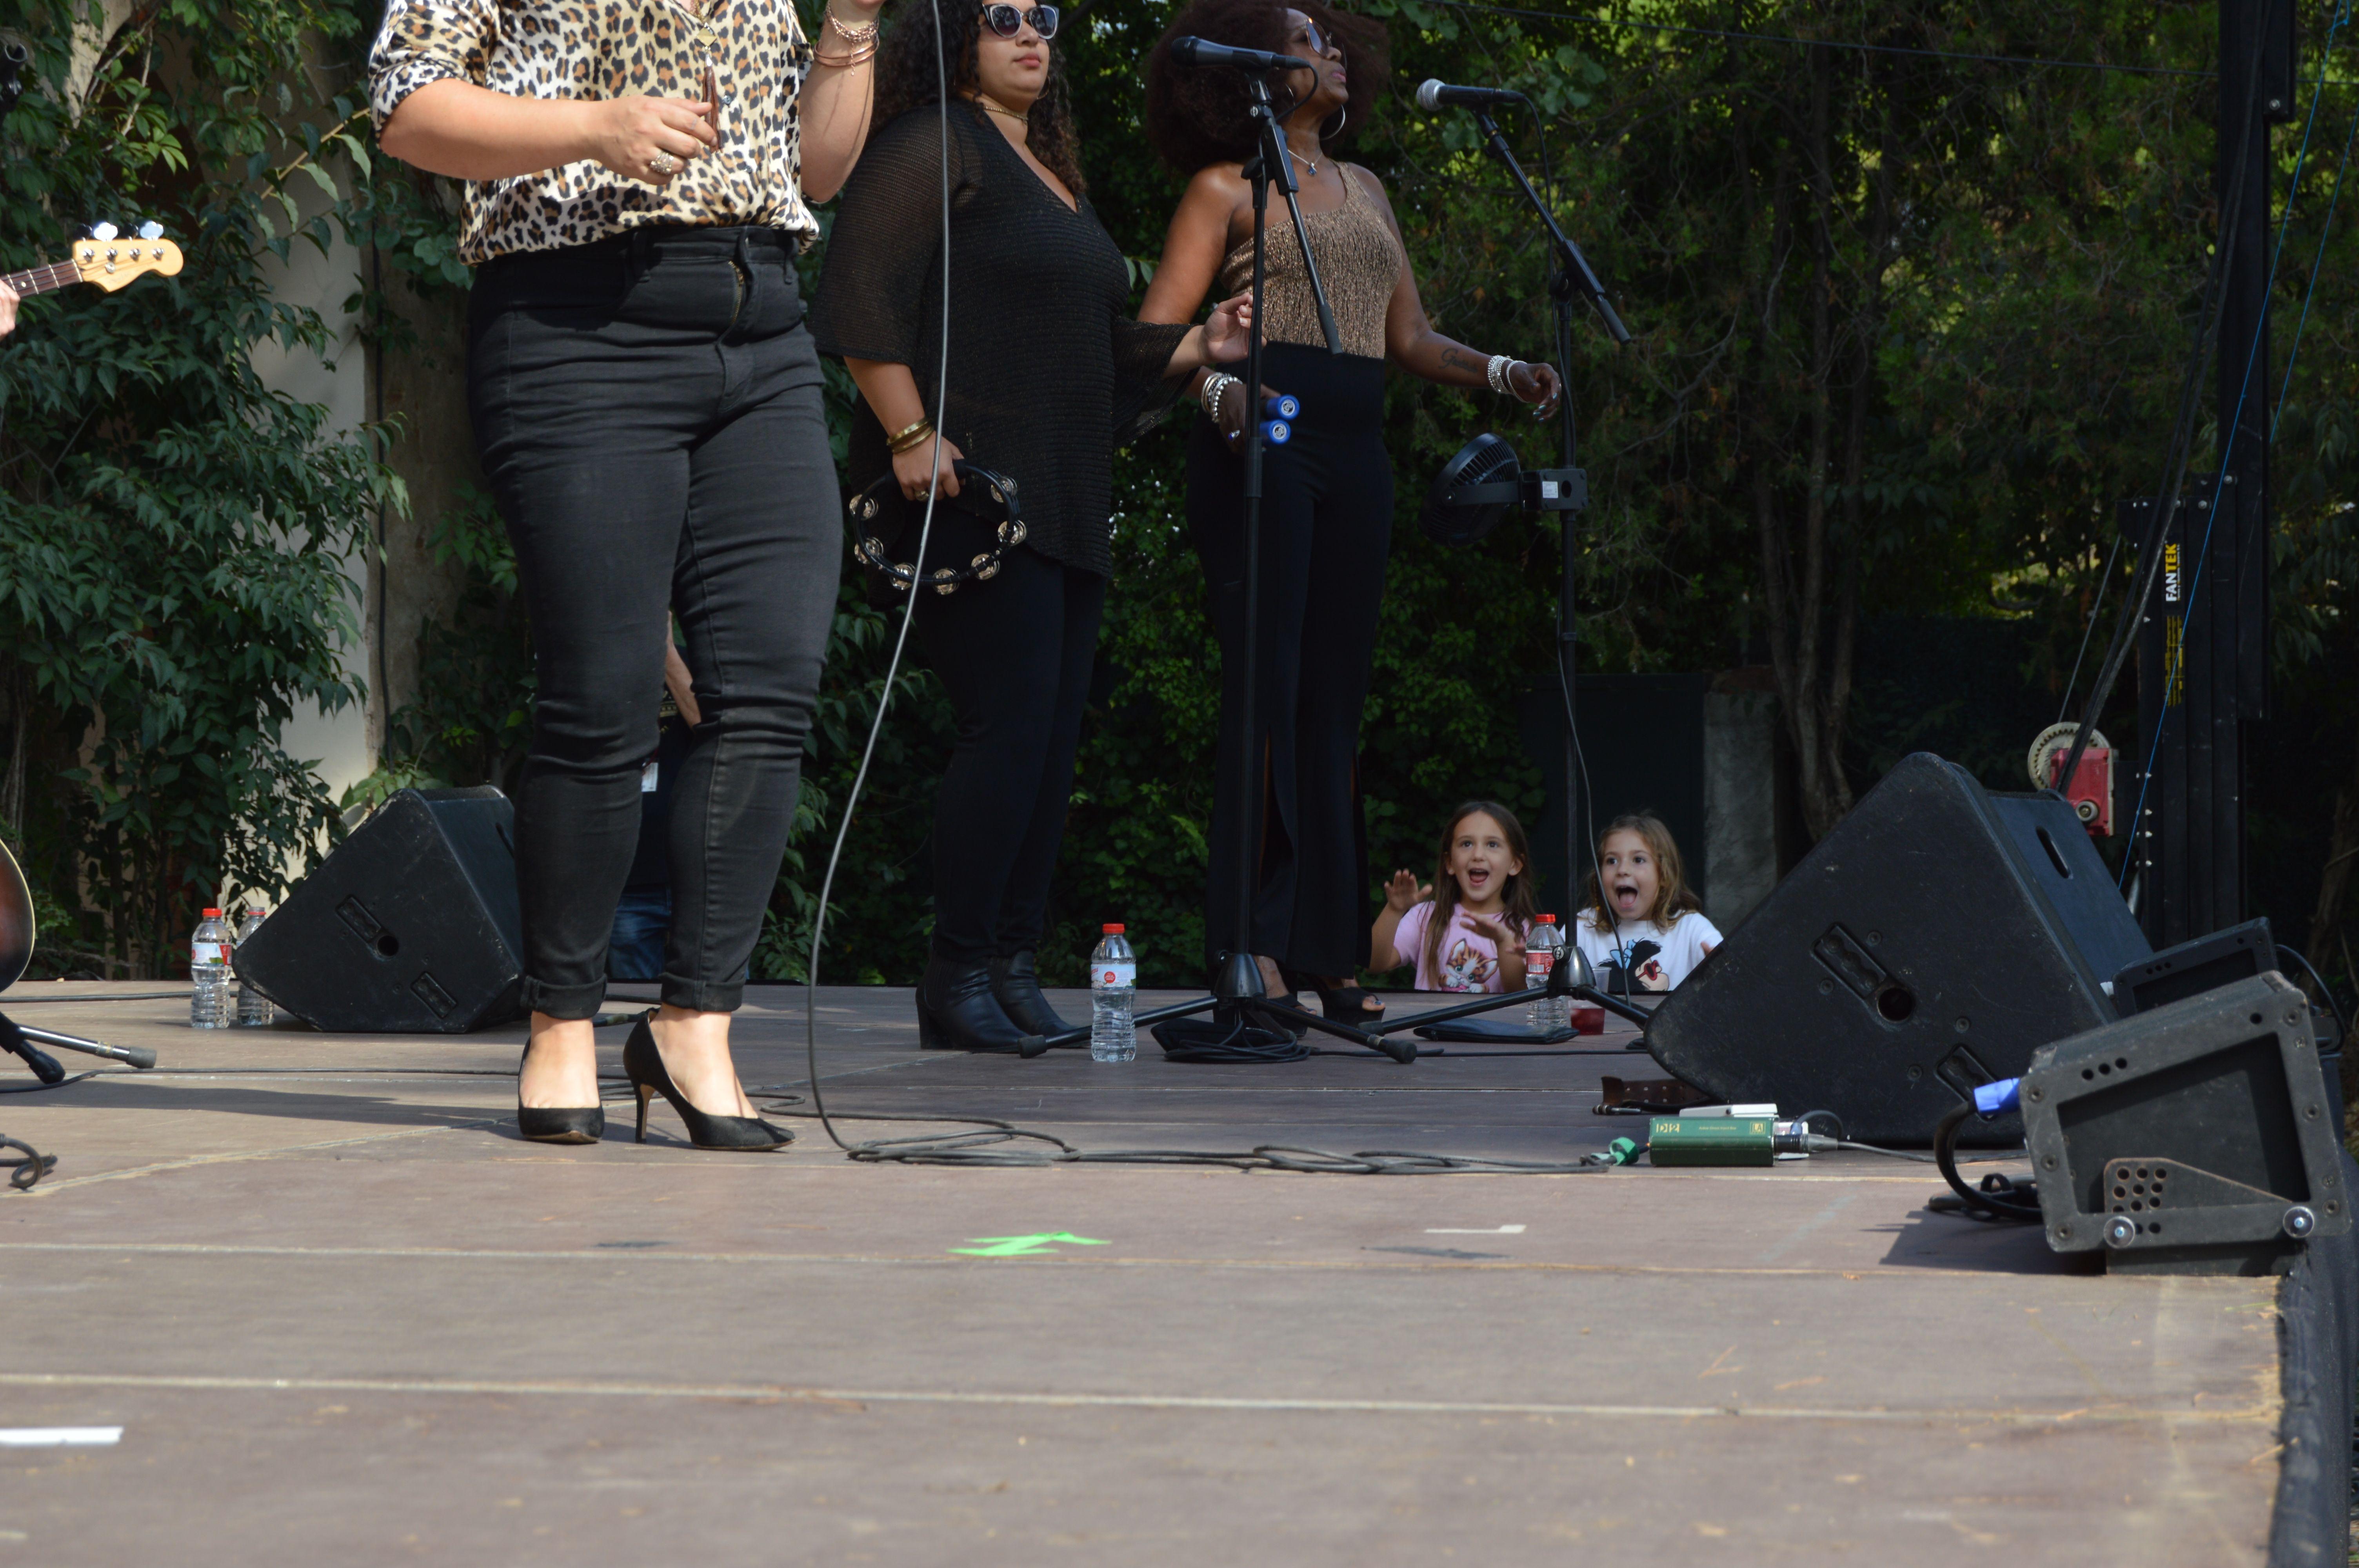 L'emoció de grans i petits es va viure al concert de Samantha Martin & Delta Sugar dissabte a Can Cordelles. FOTO, Nora Muñoz